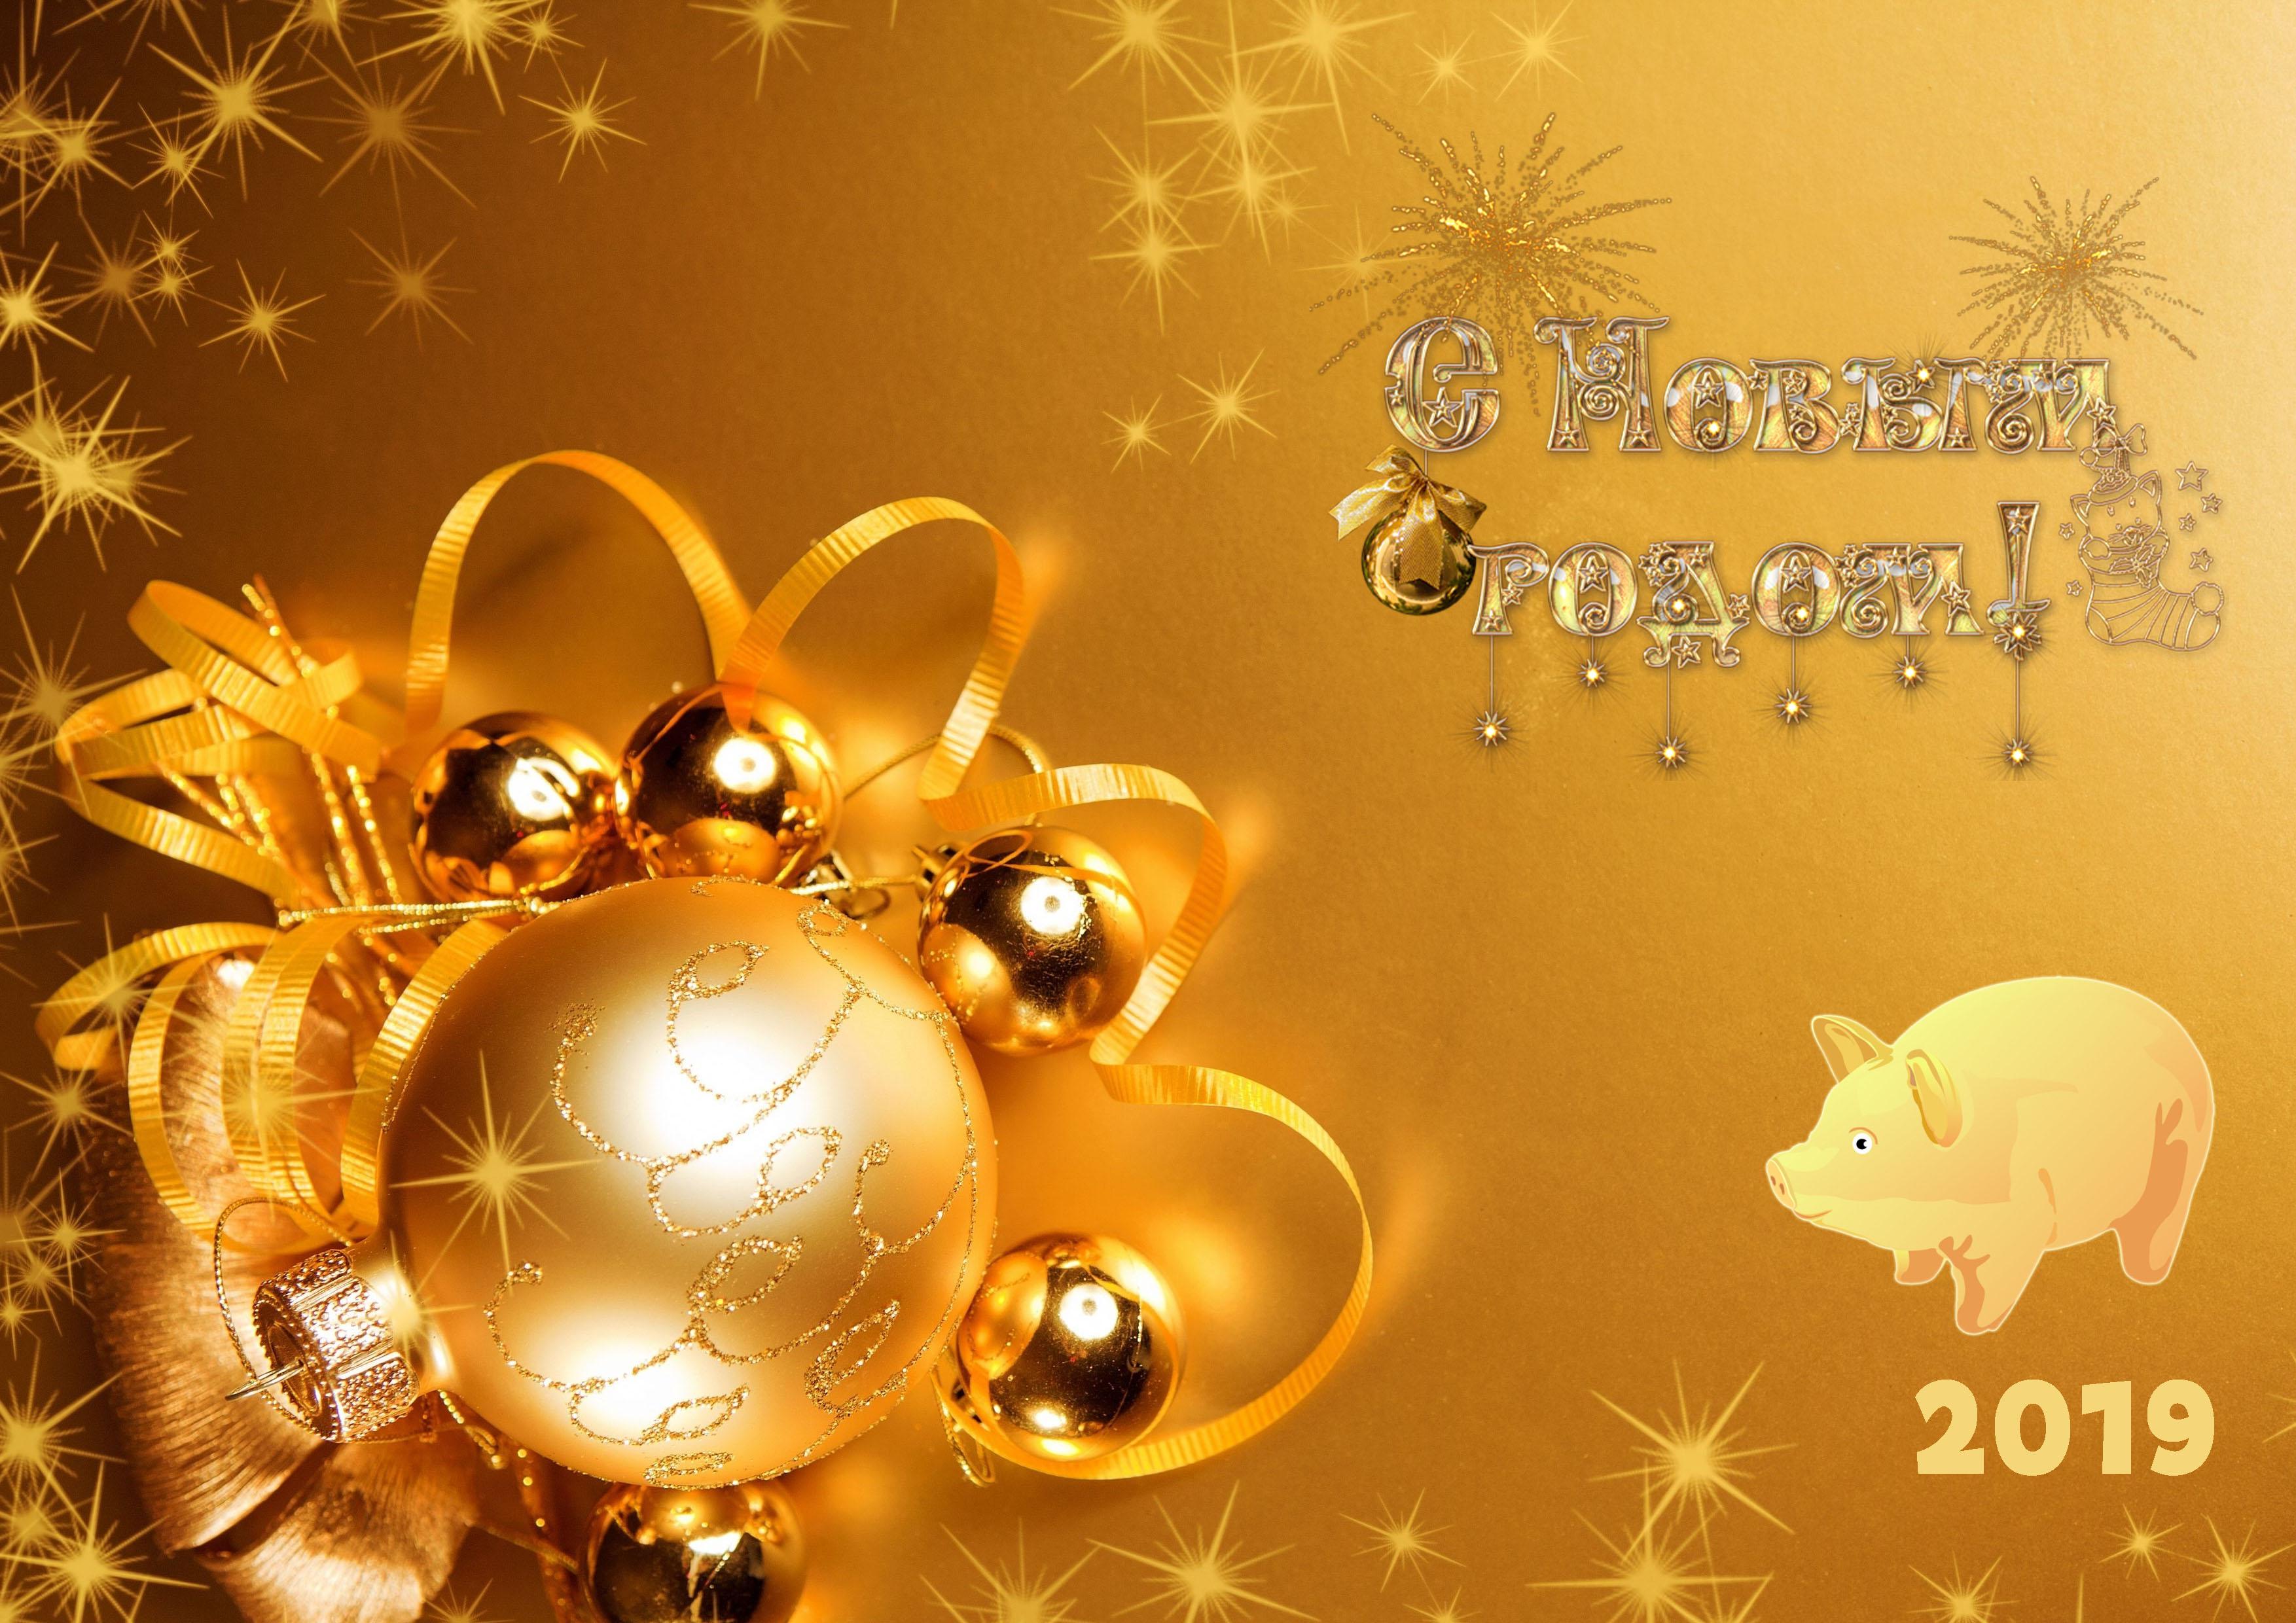 Картинки новый год пожелания 2019